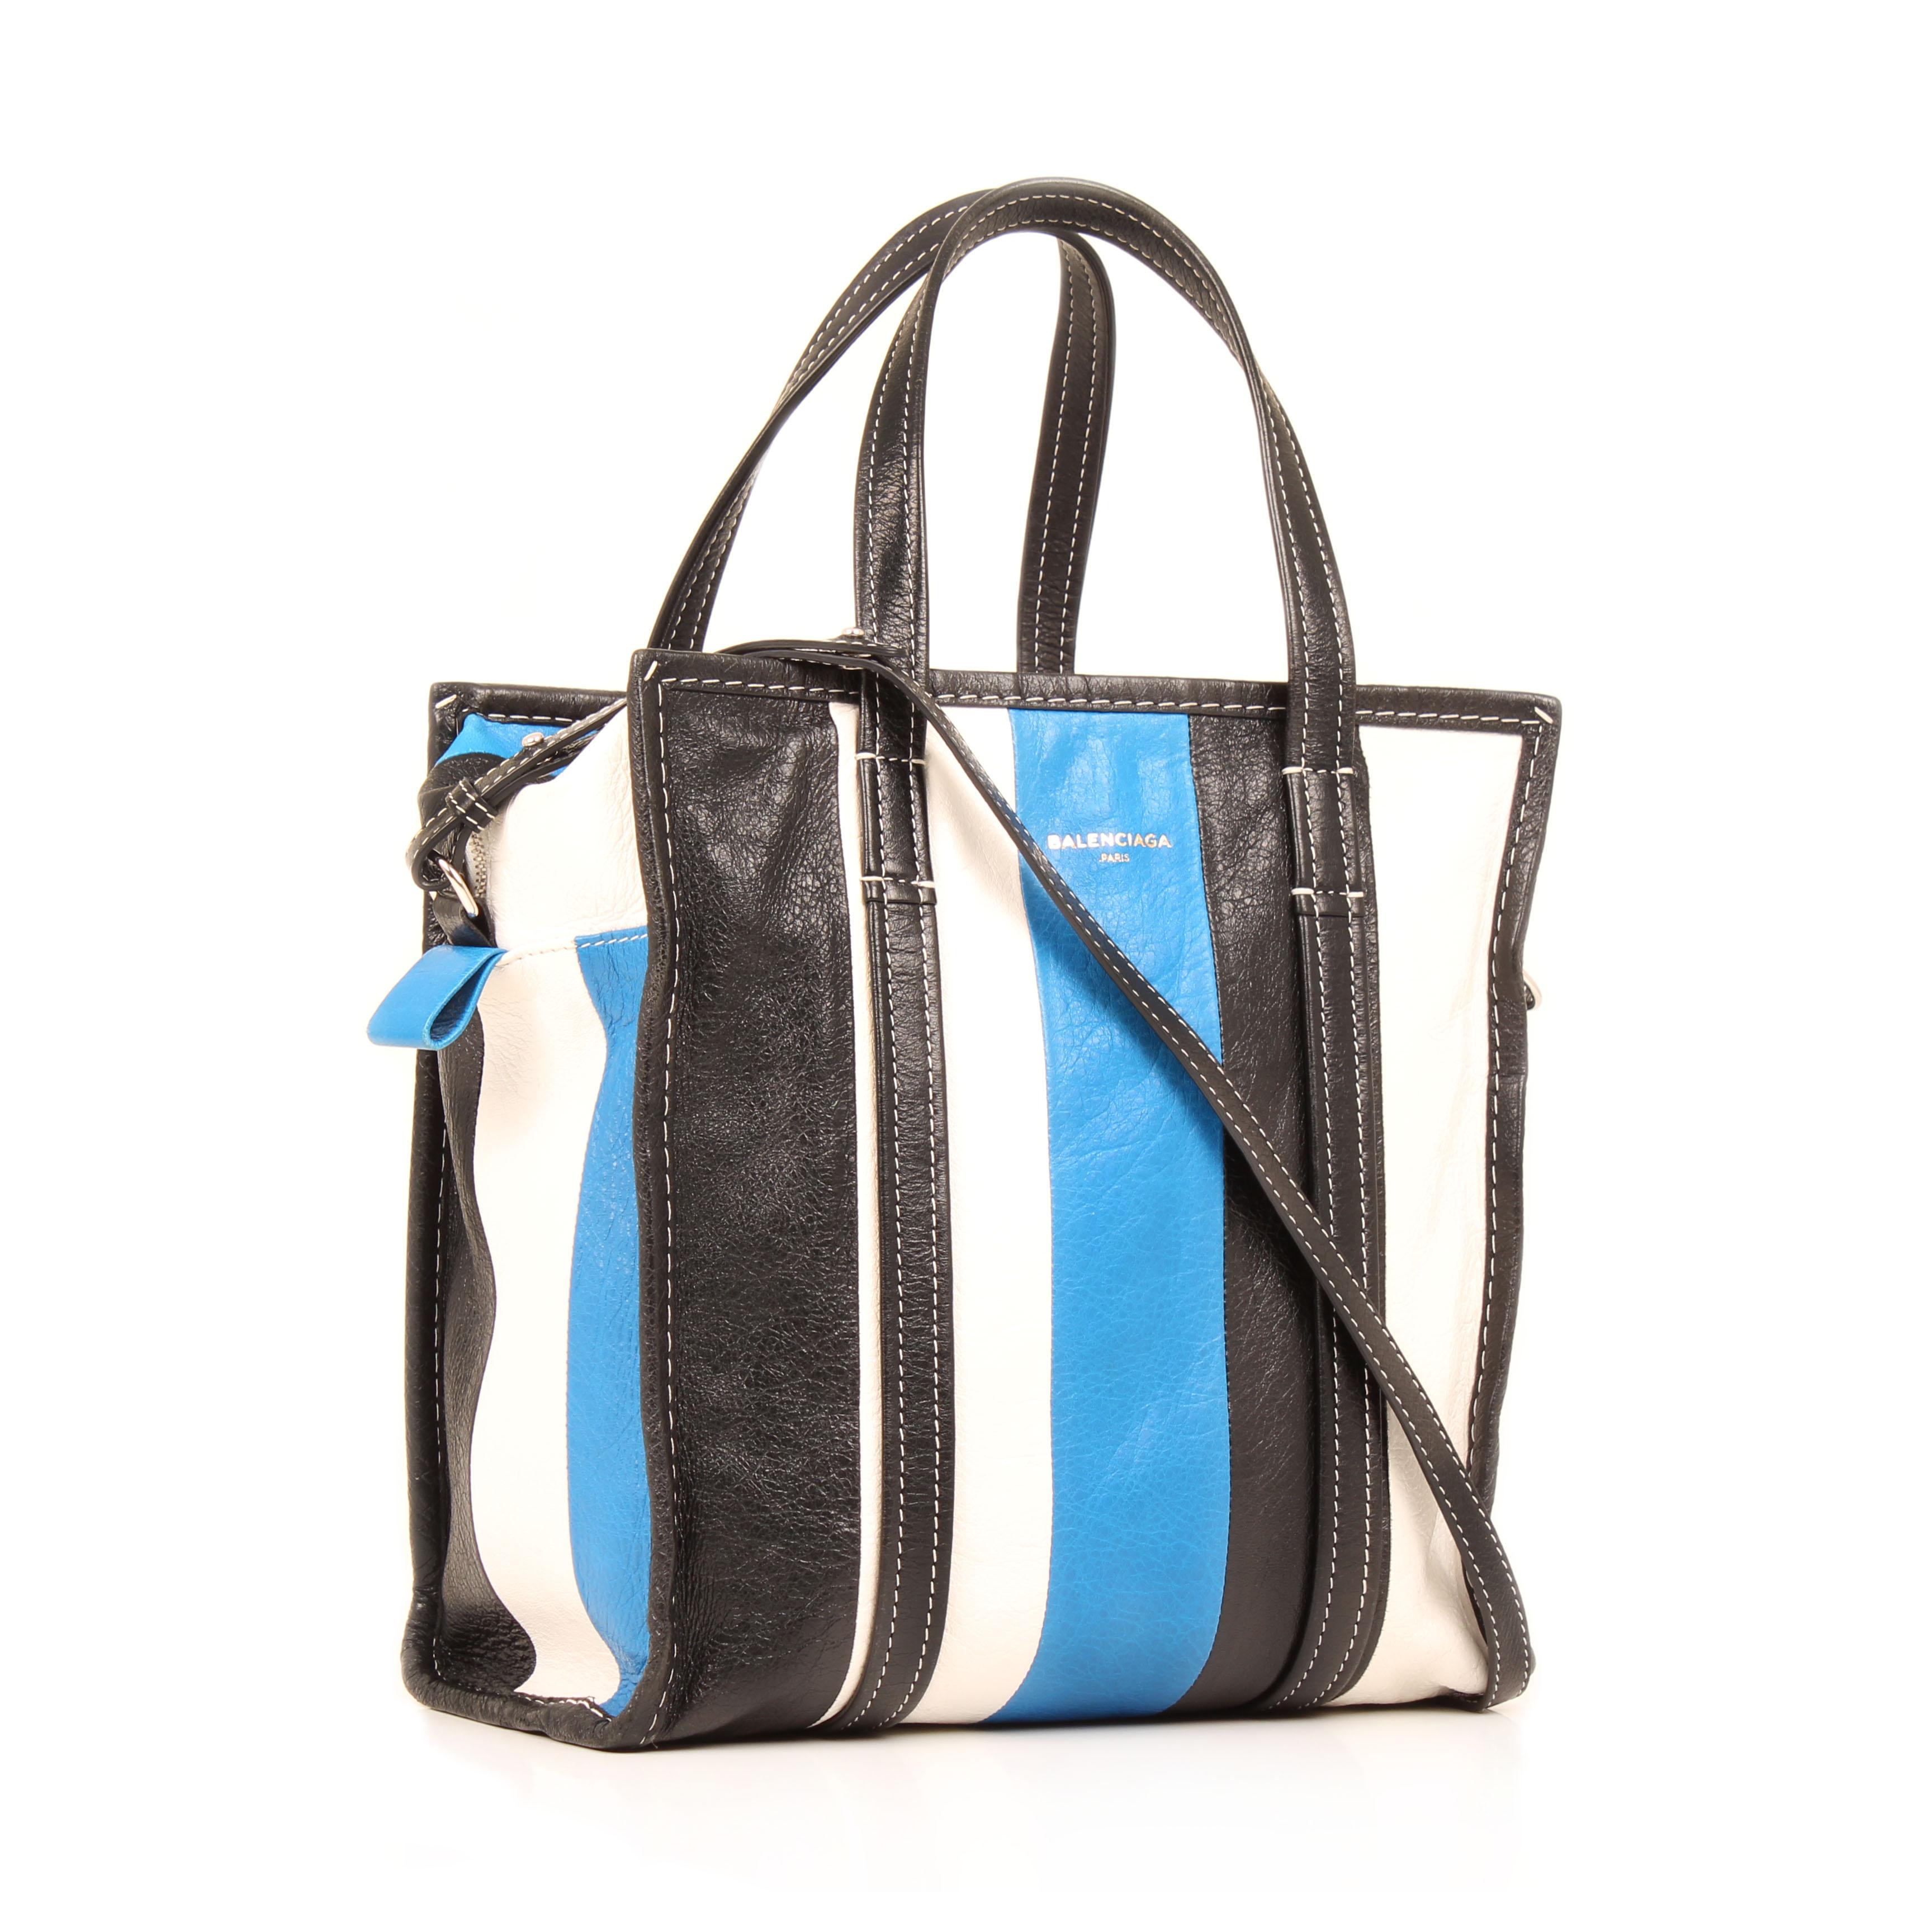 bolso balenciaga bazar shopper s arena rayado azul blanco negro piel general